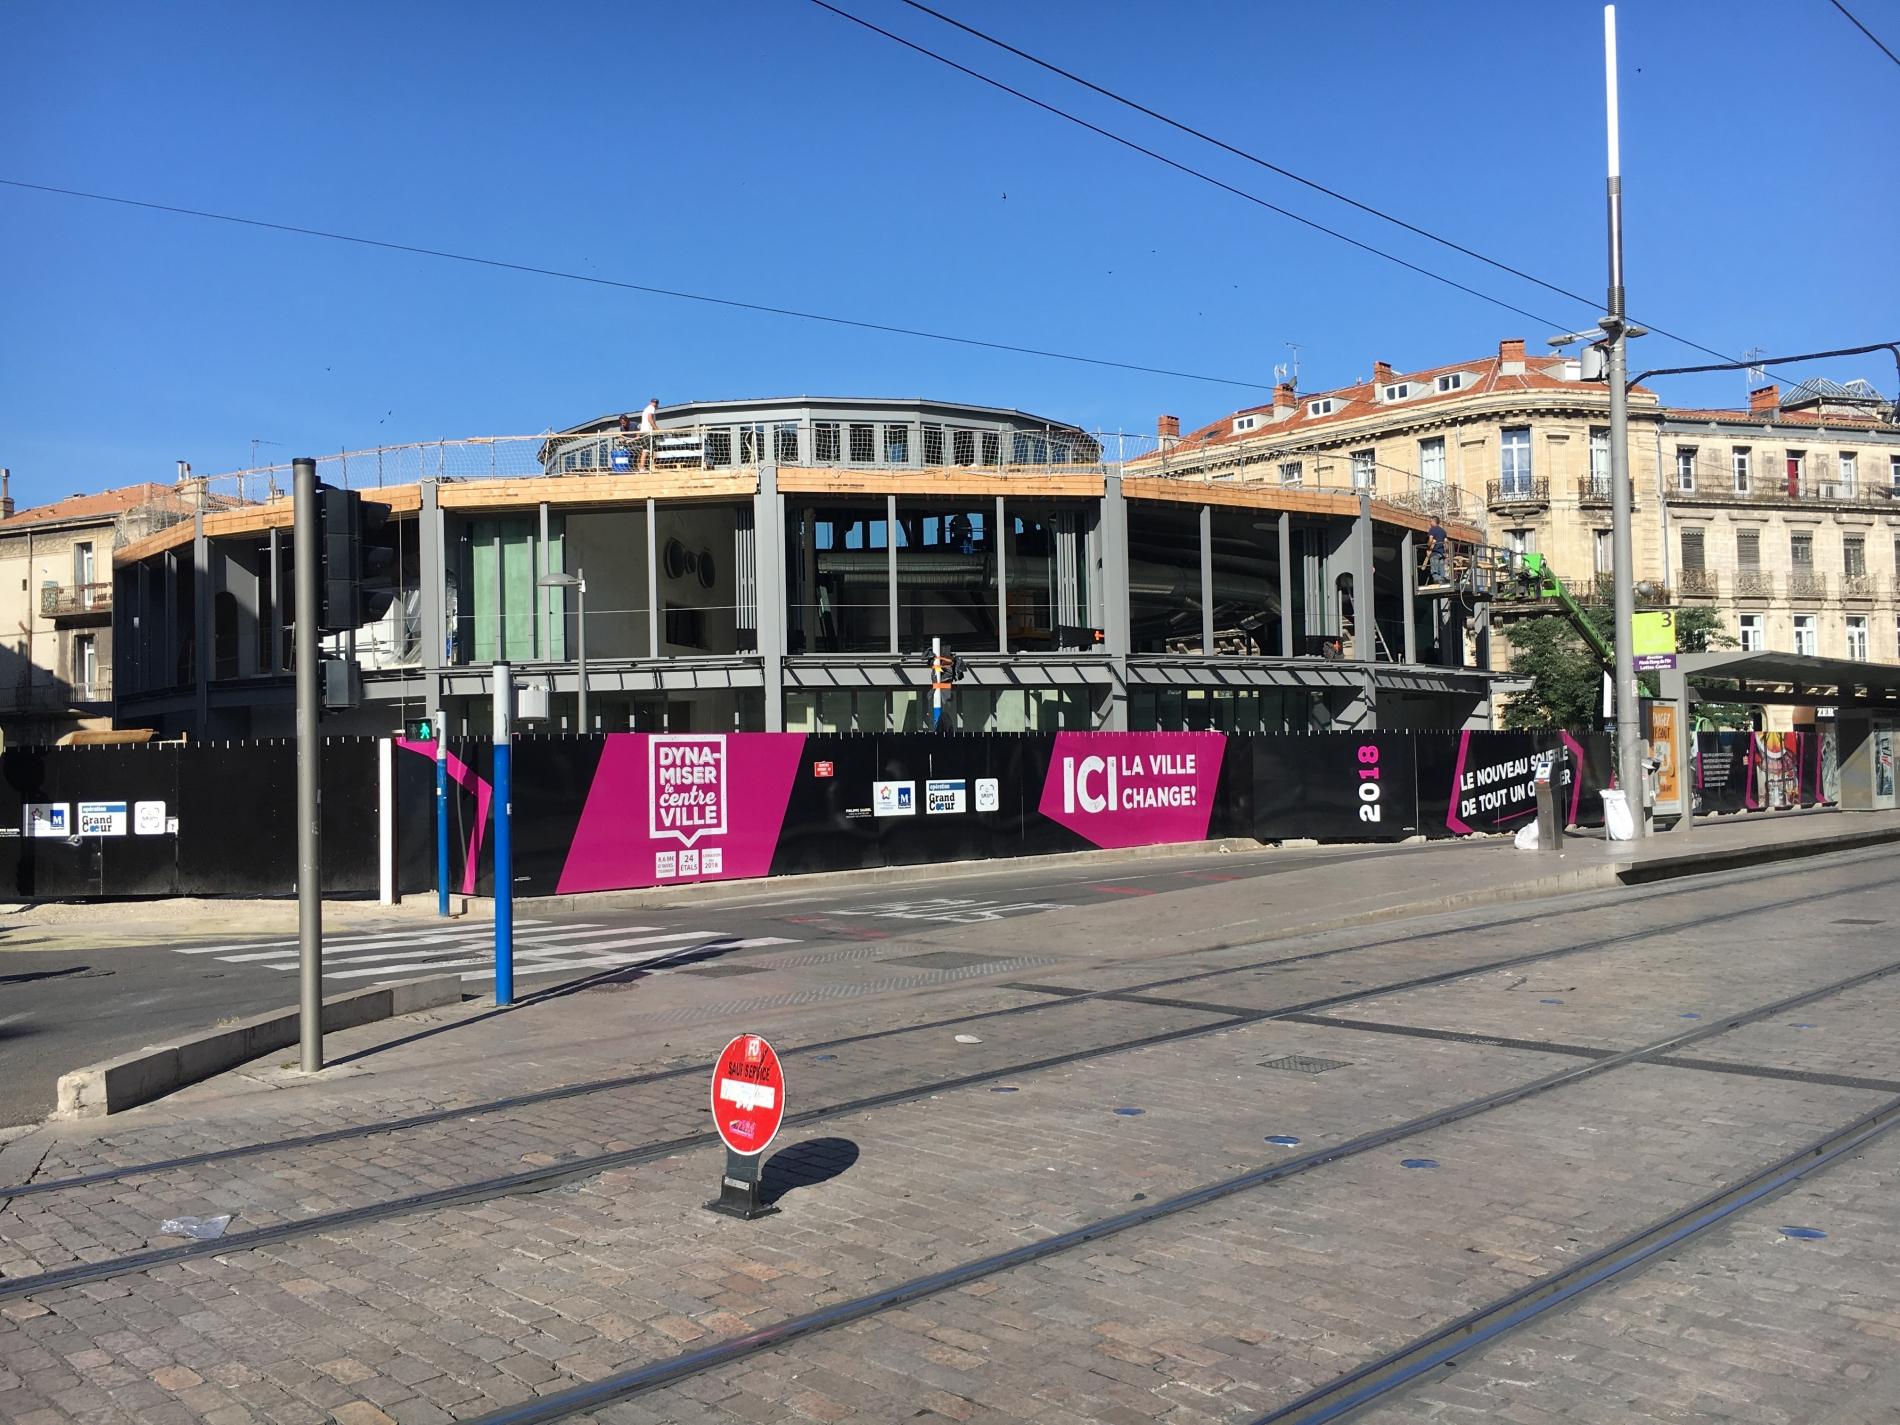 Les Halles Laissac - Montpellier